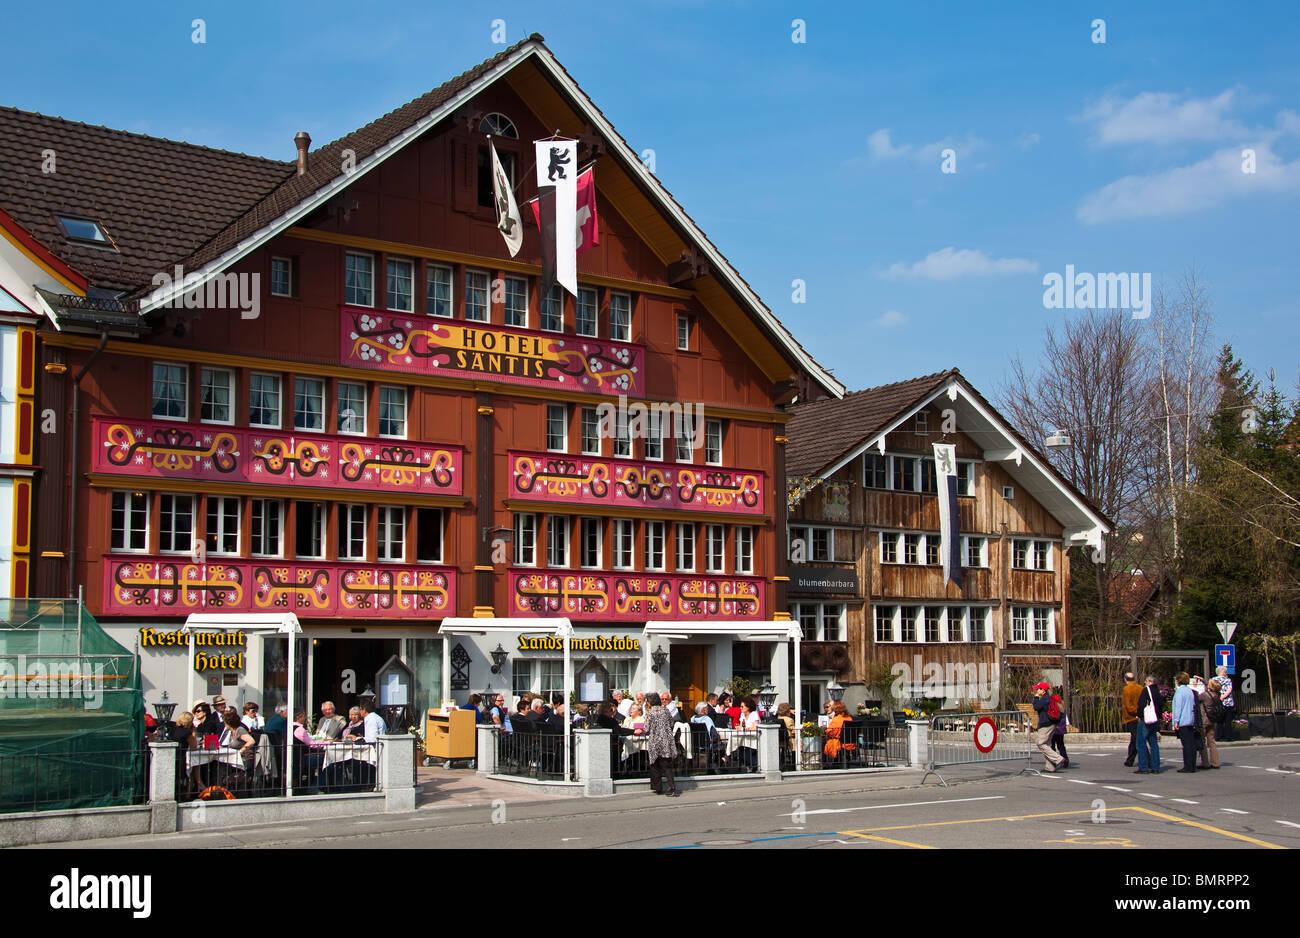 Red Decorated Facade Of Hotel Saentis On Landsgemeindeplatz